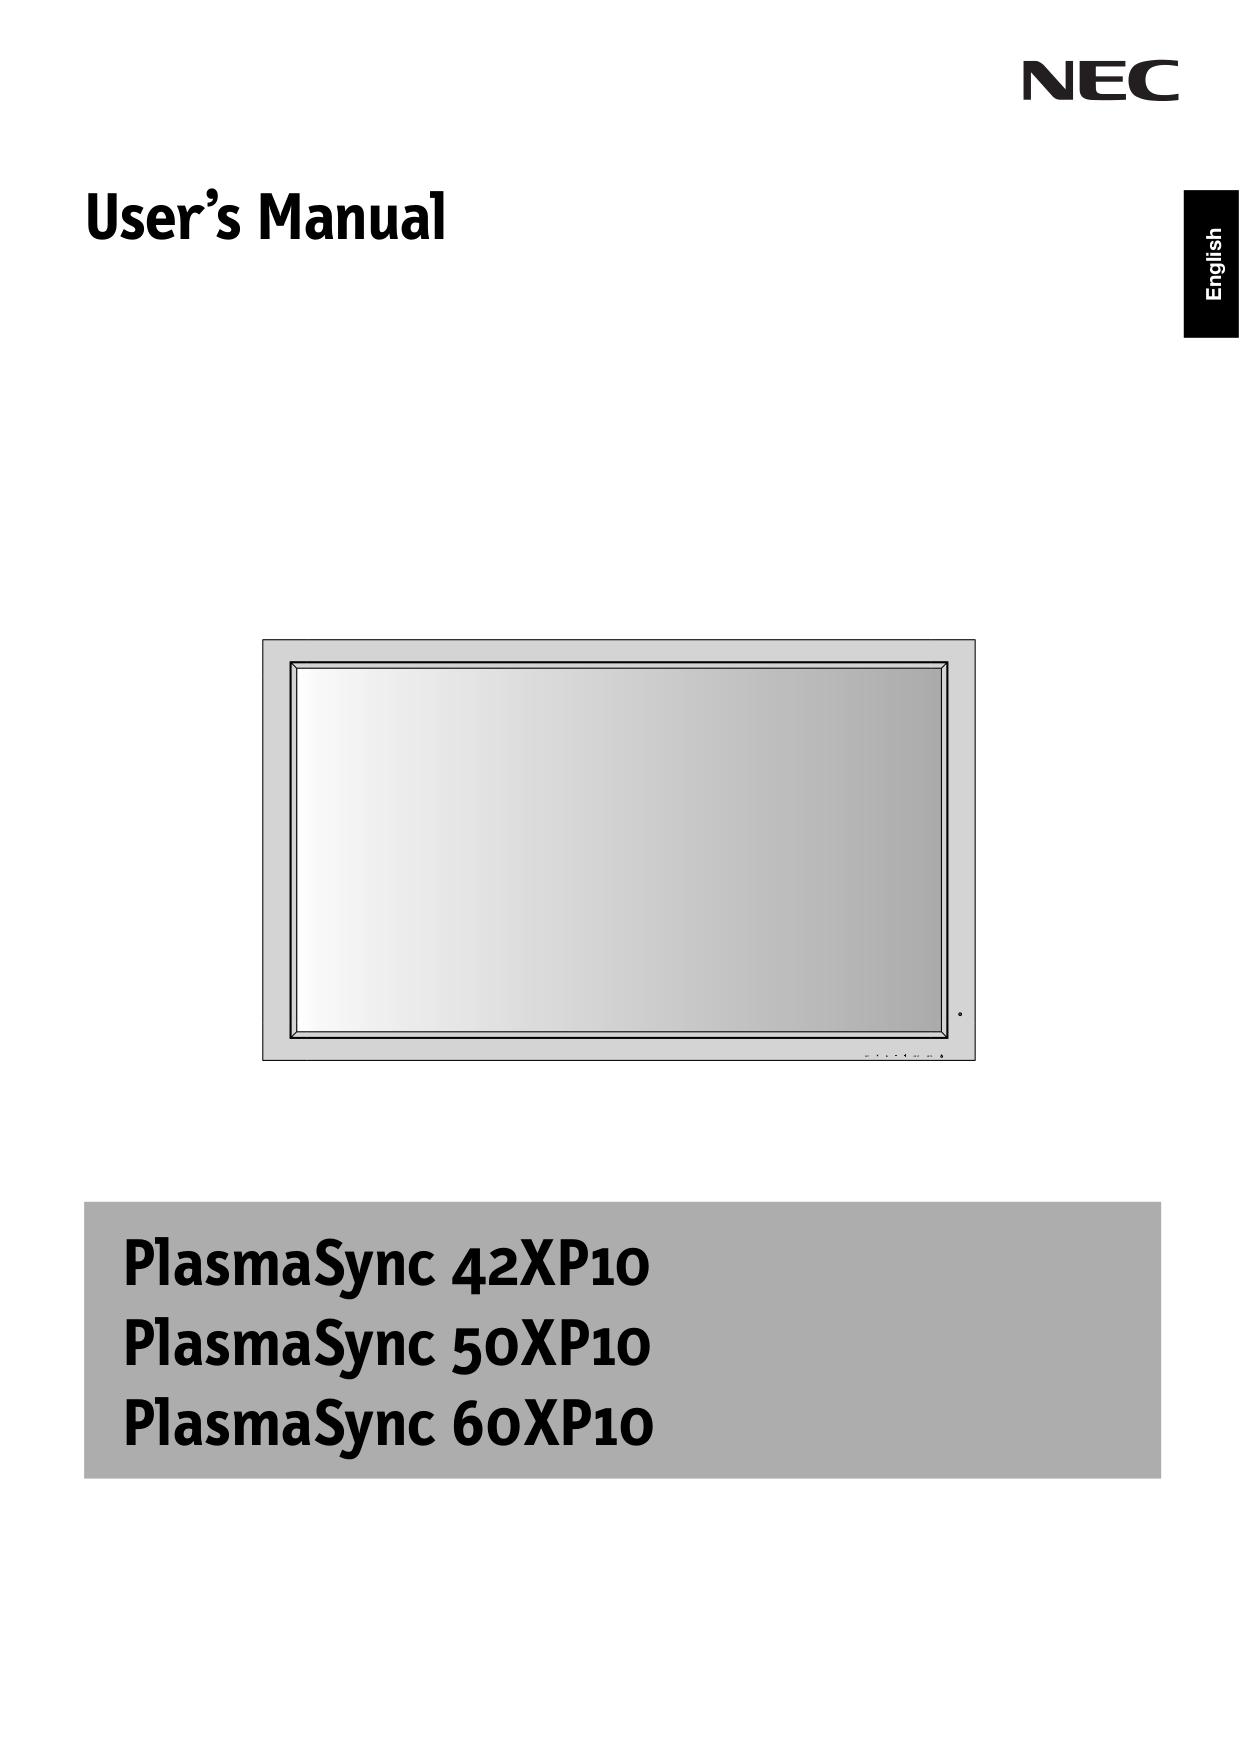 sage 50 2014 user guide pdf